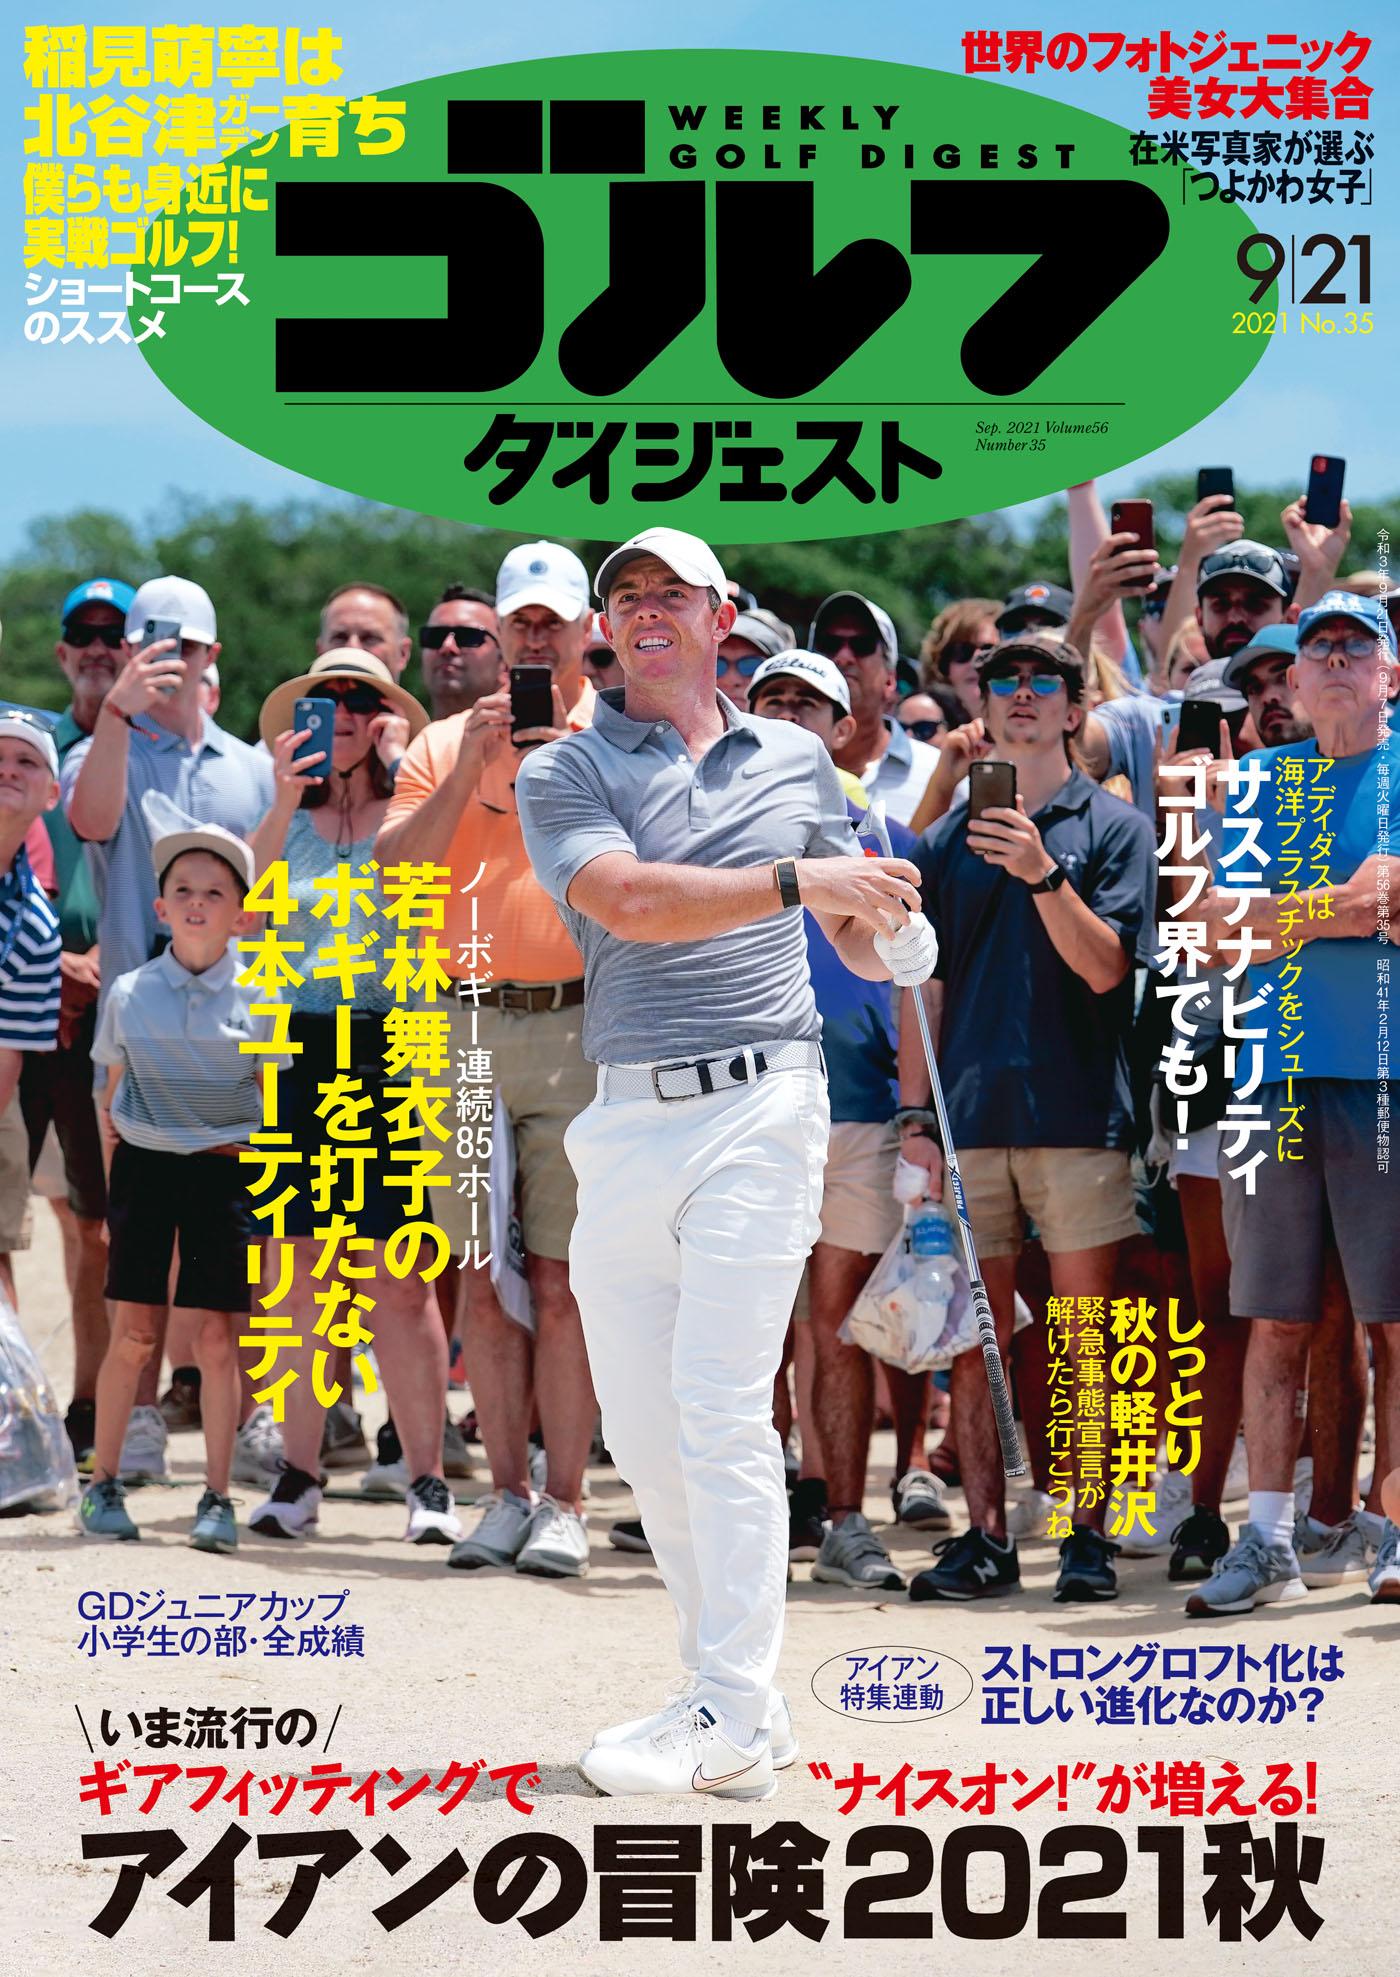 週刊ゴルフダイジェスト2021年9月21日号